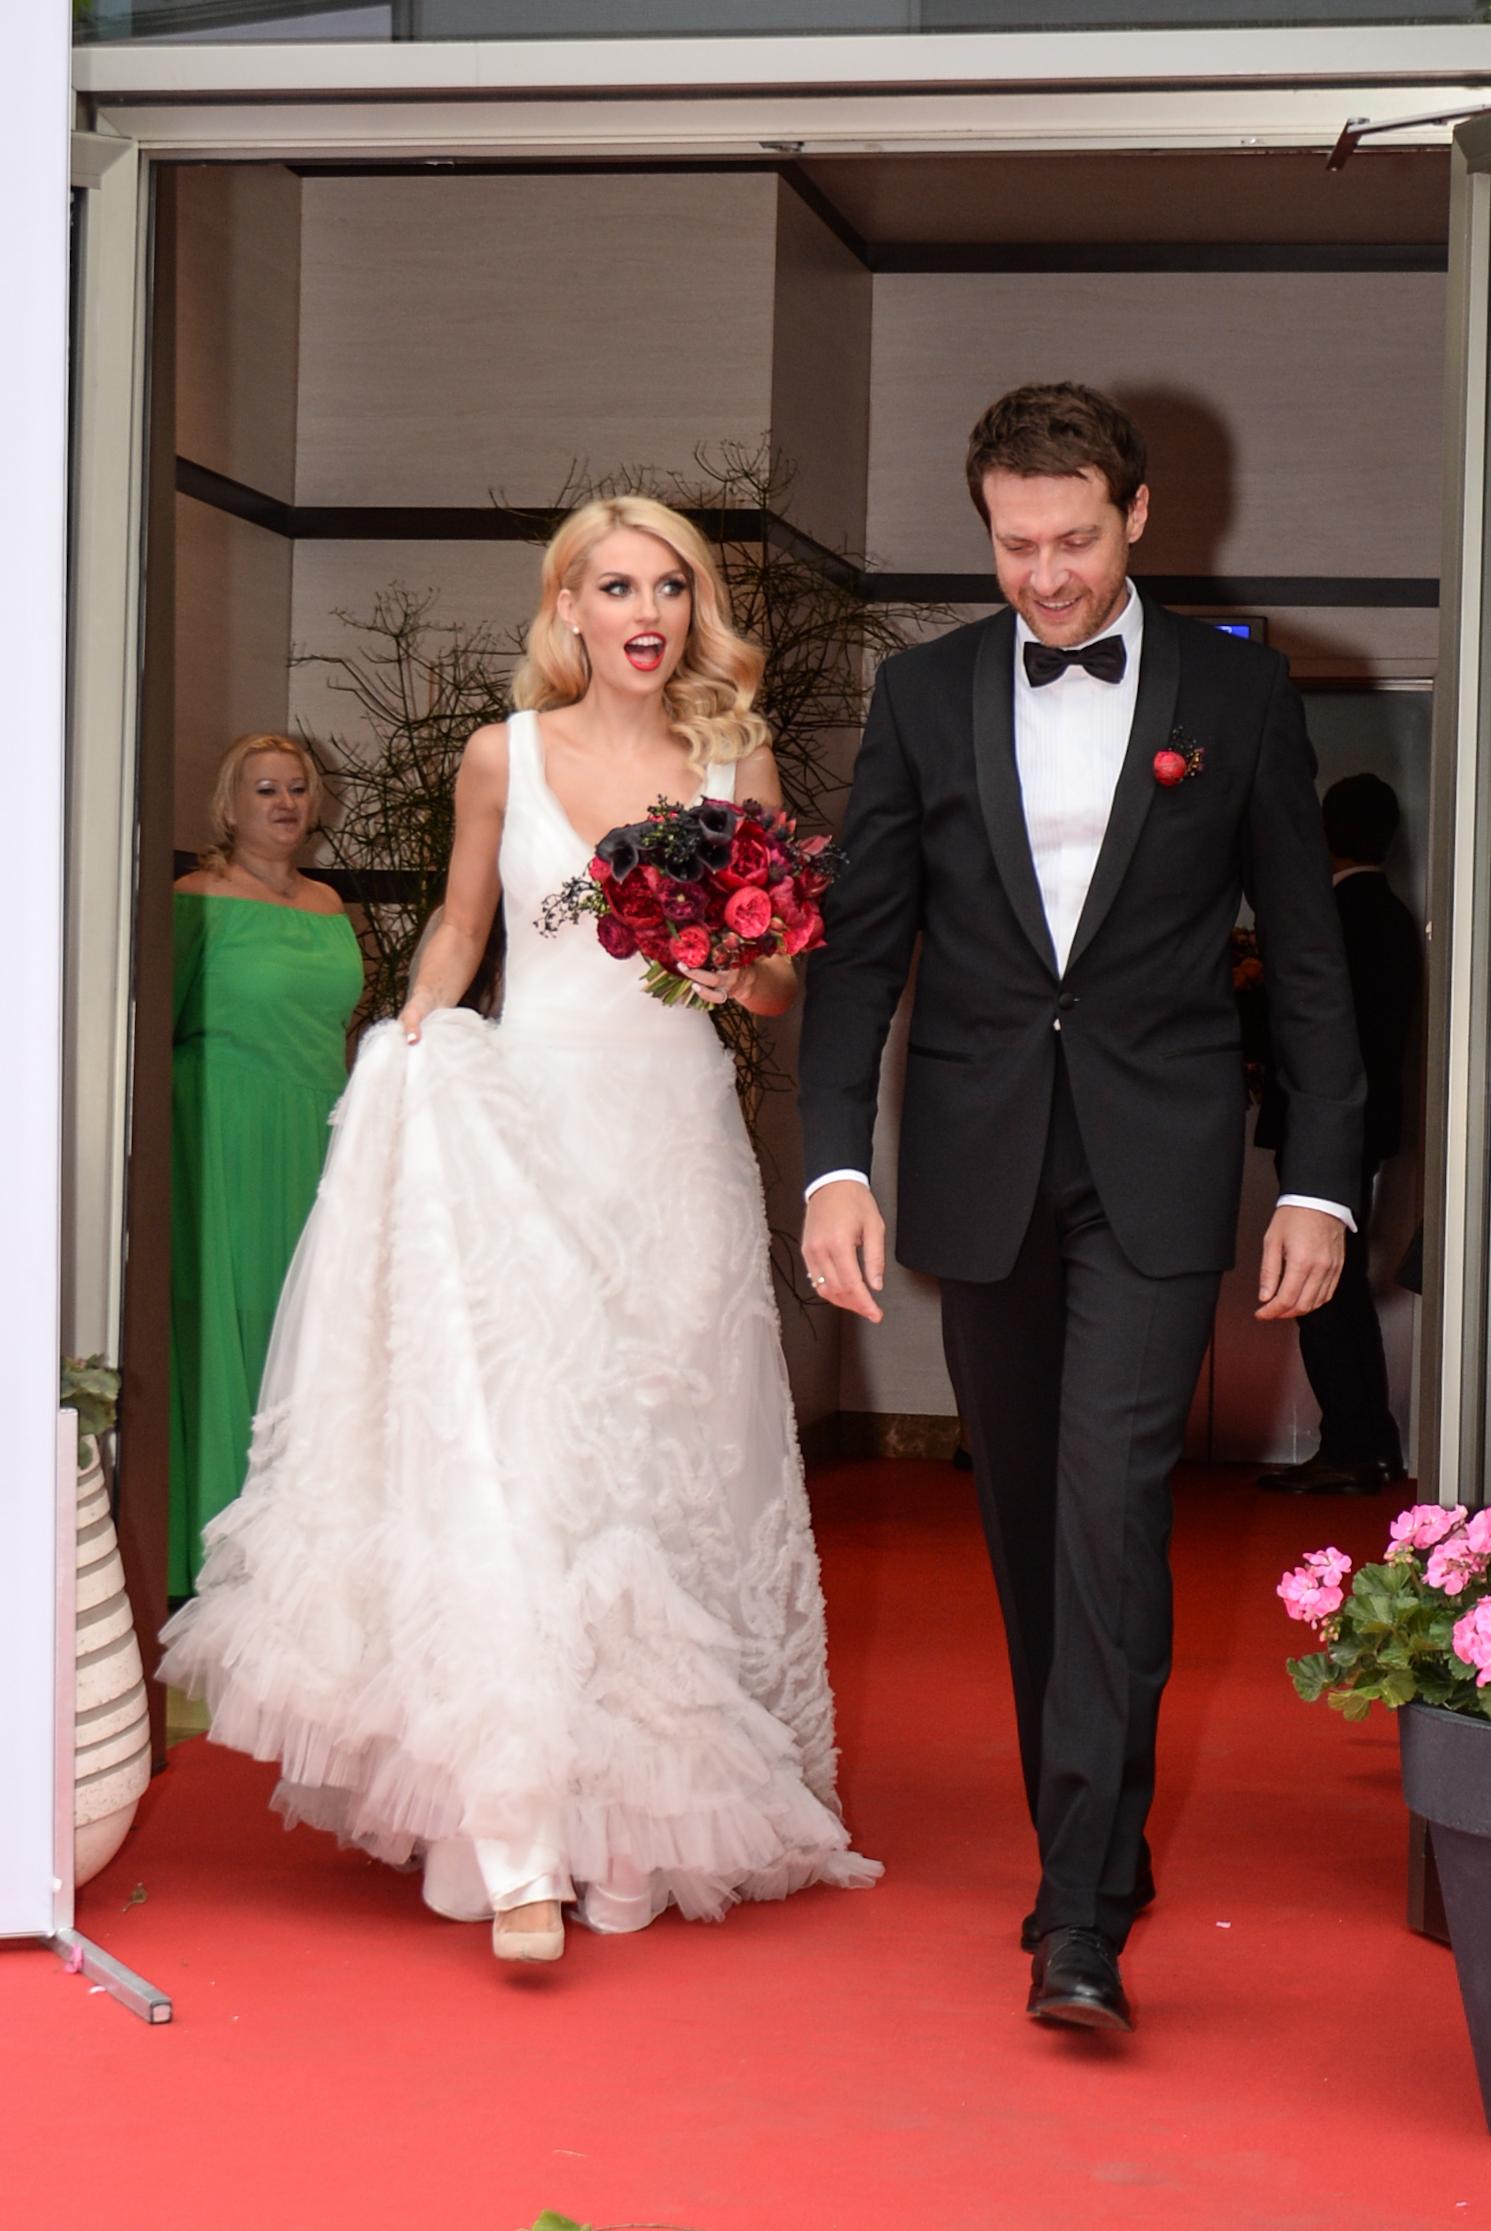 страдает акромегалией муж саши савельевой фото со свадьбы глядь сторону